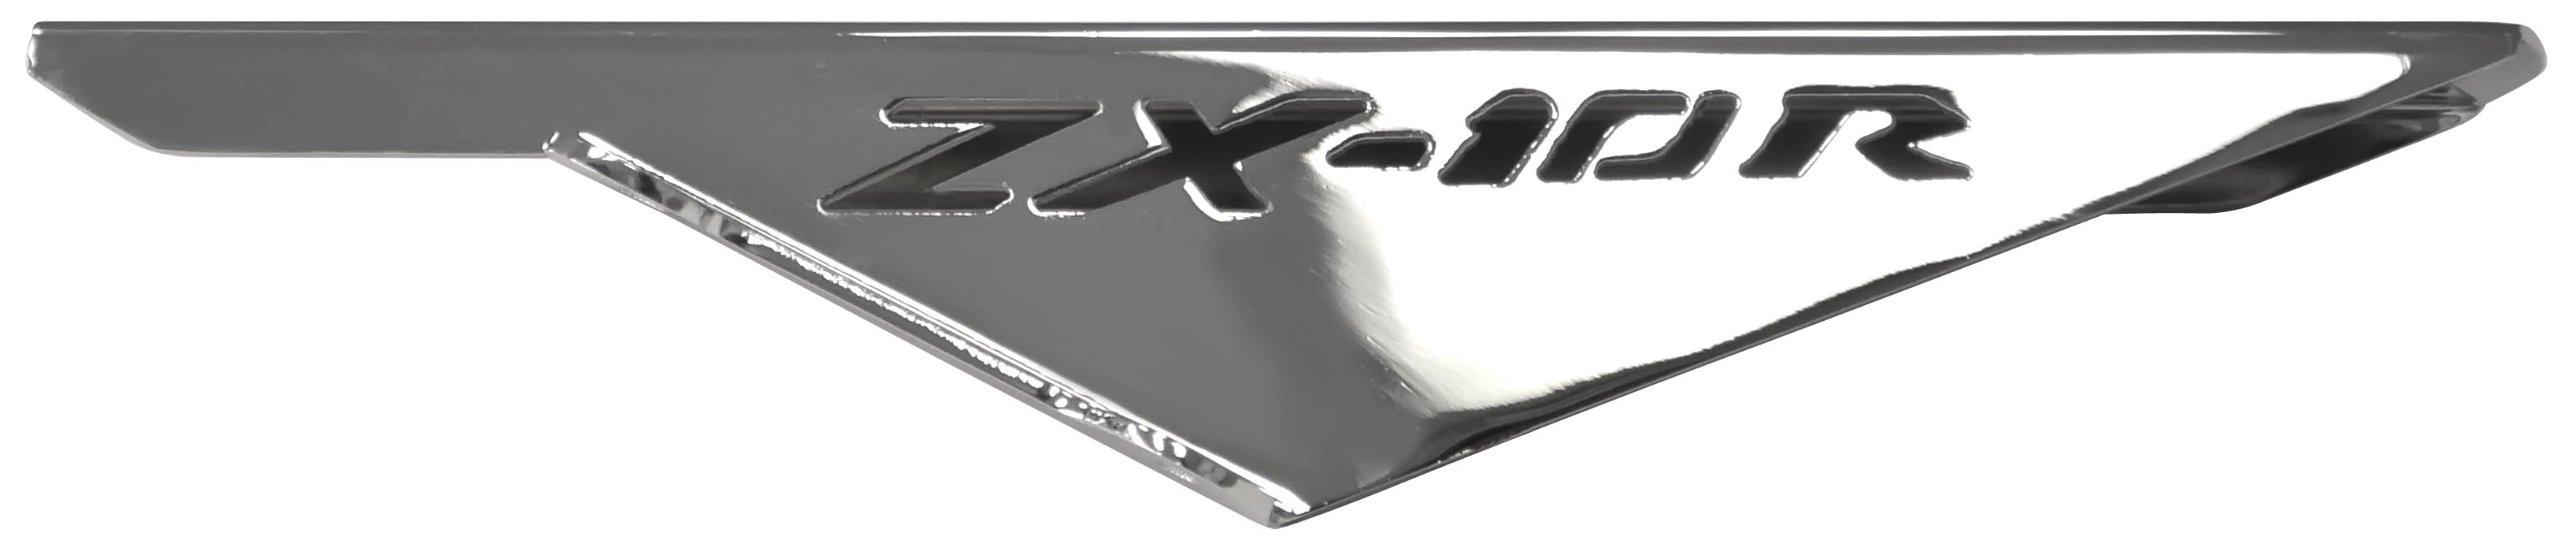 Yana Shiki CA2864 Chrome Chain Guard for Kawasaki ZX-10R